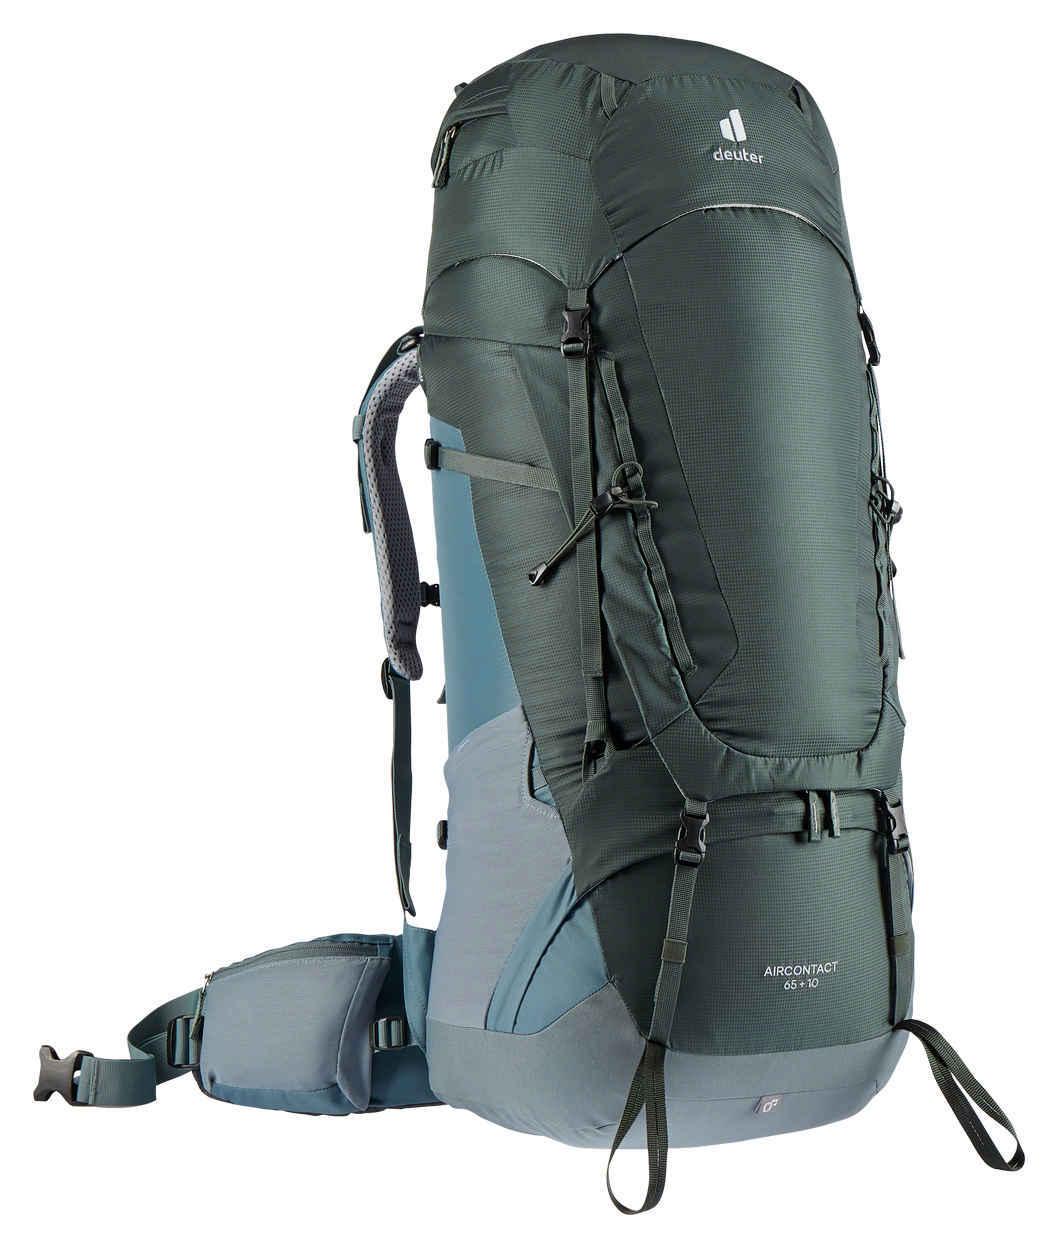 Туристические рюкзаки большие Рюкзак Deuter Aircontact 65+10 (2021) 3320521-2267-Aircontact_65_10-d0-00.jpg